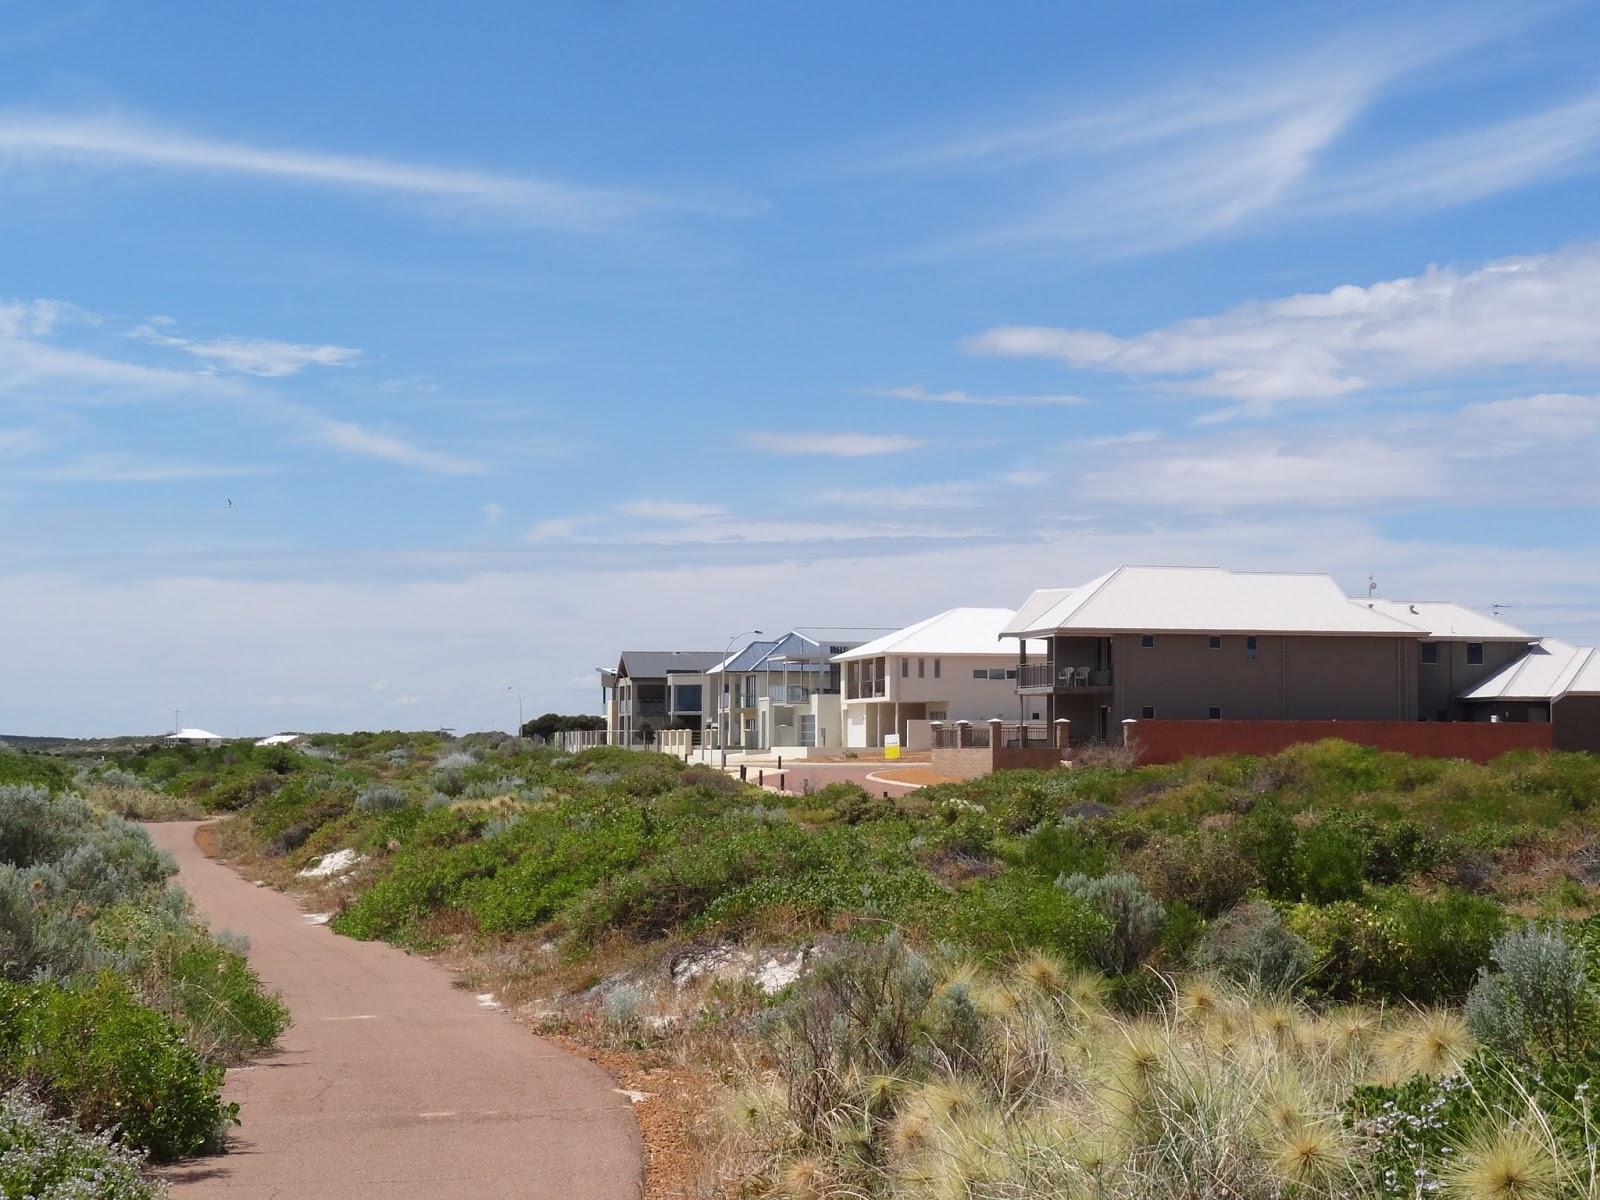 Jurien Bay Beach houses